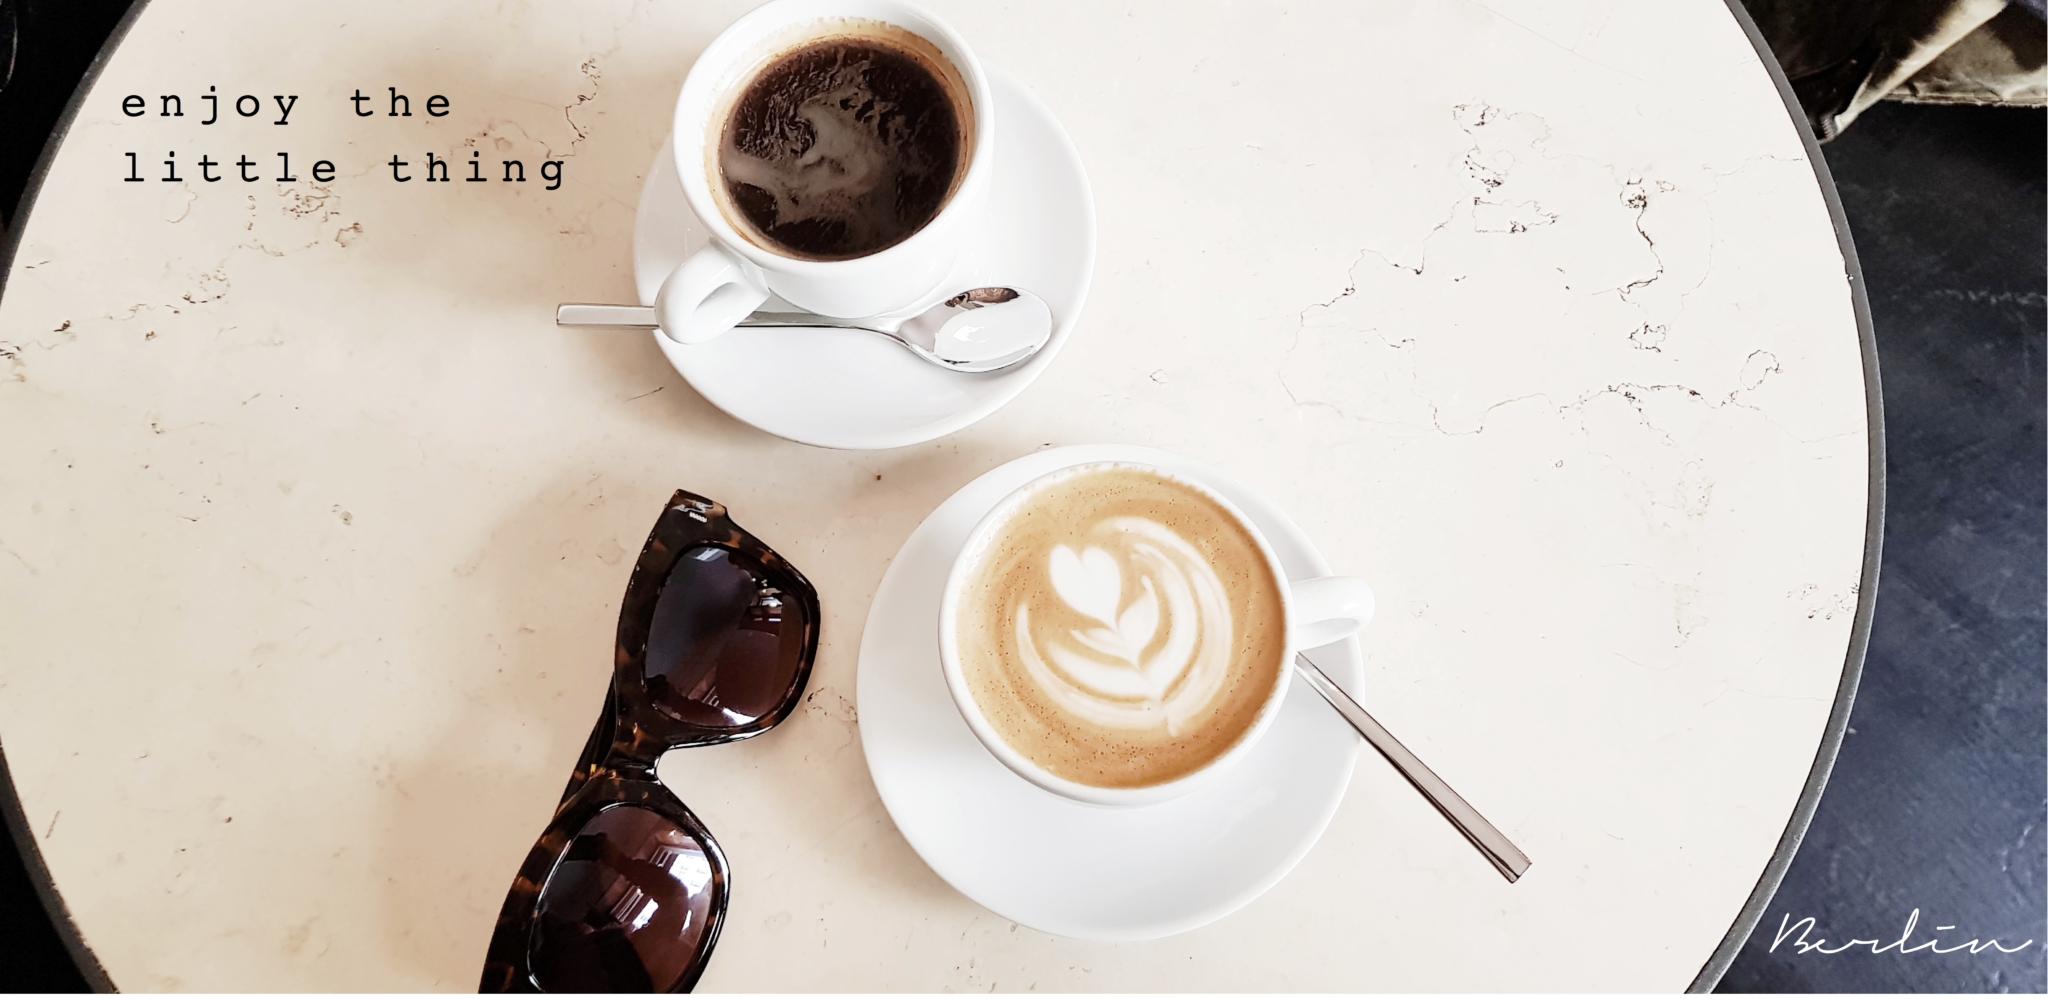 Kaffee in Berlin mit Instagram-Tauglichem Interior